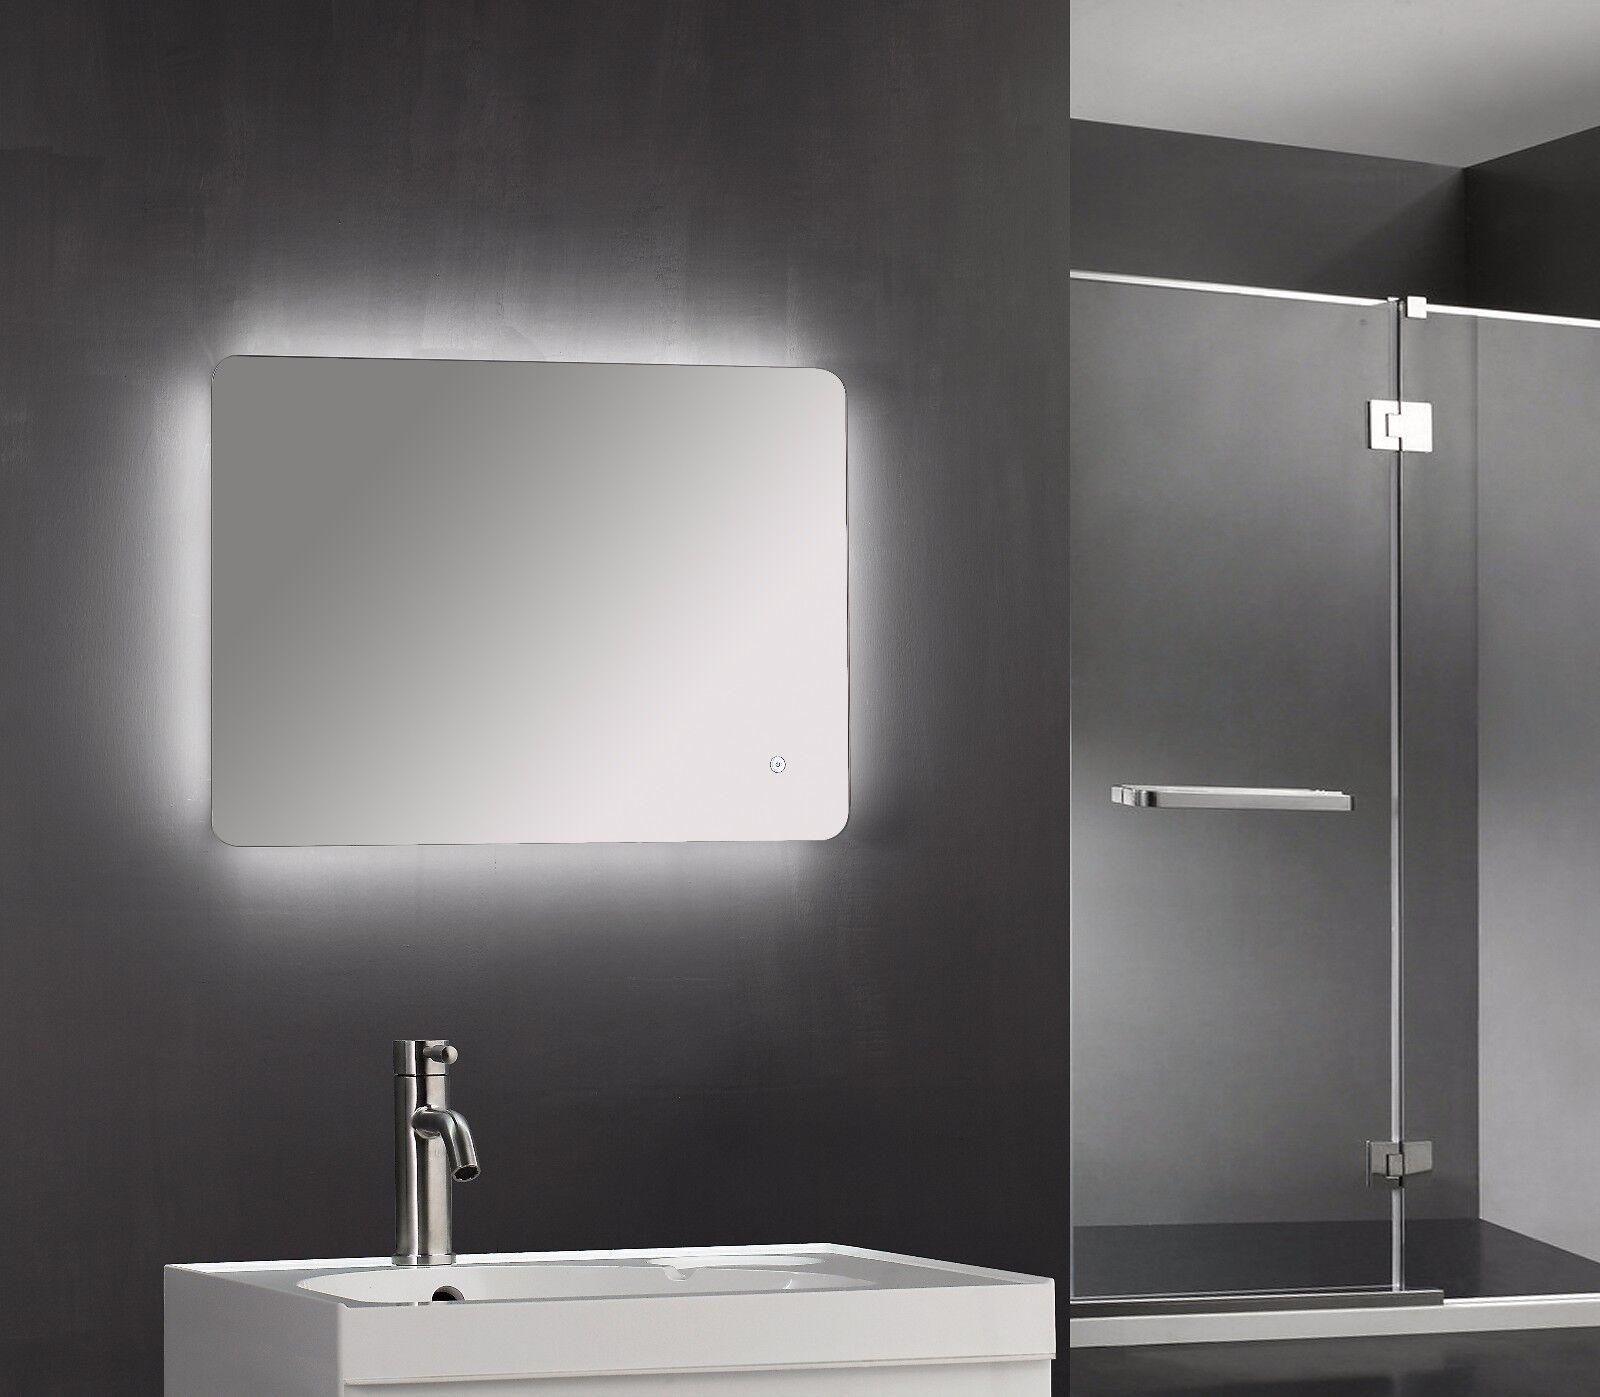 600 X 800mm Led Iluminados iluminado Touch Espejo de baño Desempañador IP44